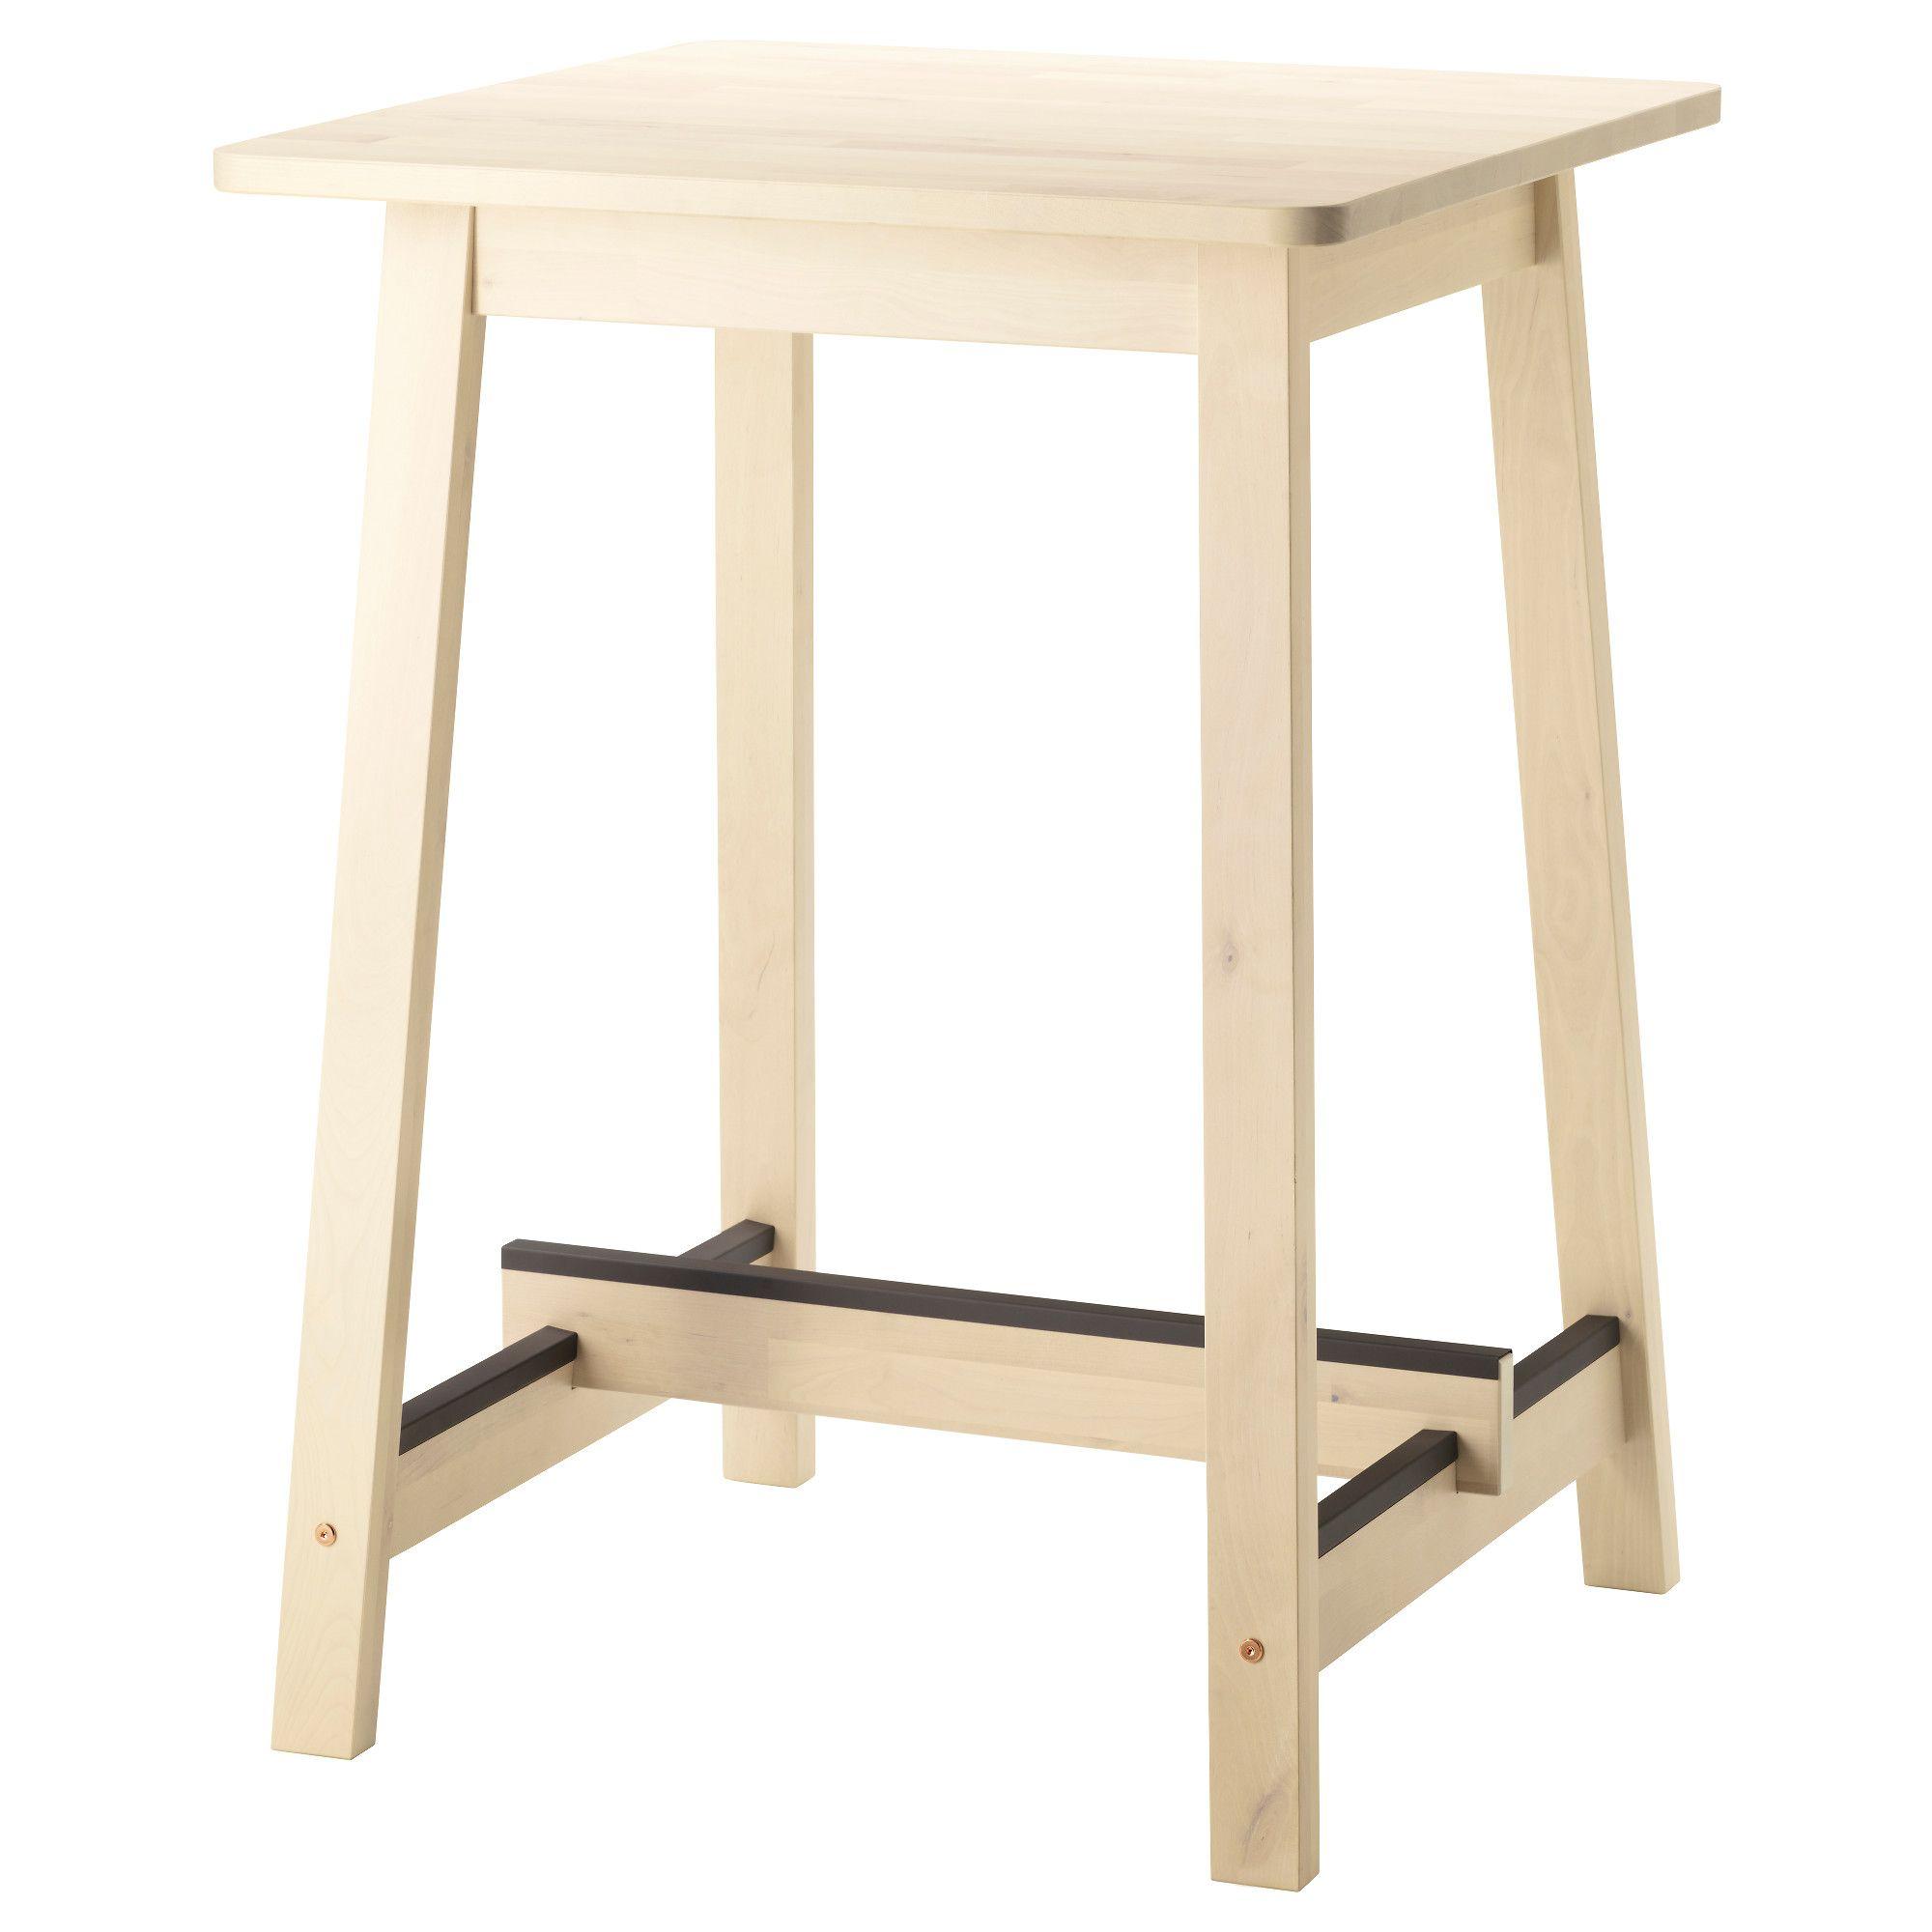 Ikea Bartisch norråker bartisch birke jetzt bestellen unter https moebel